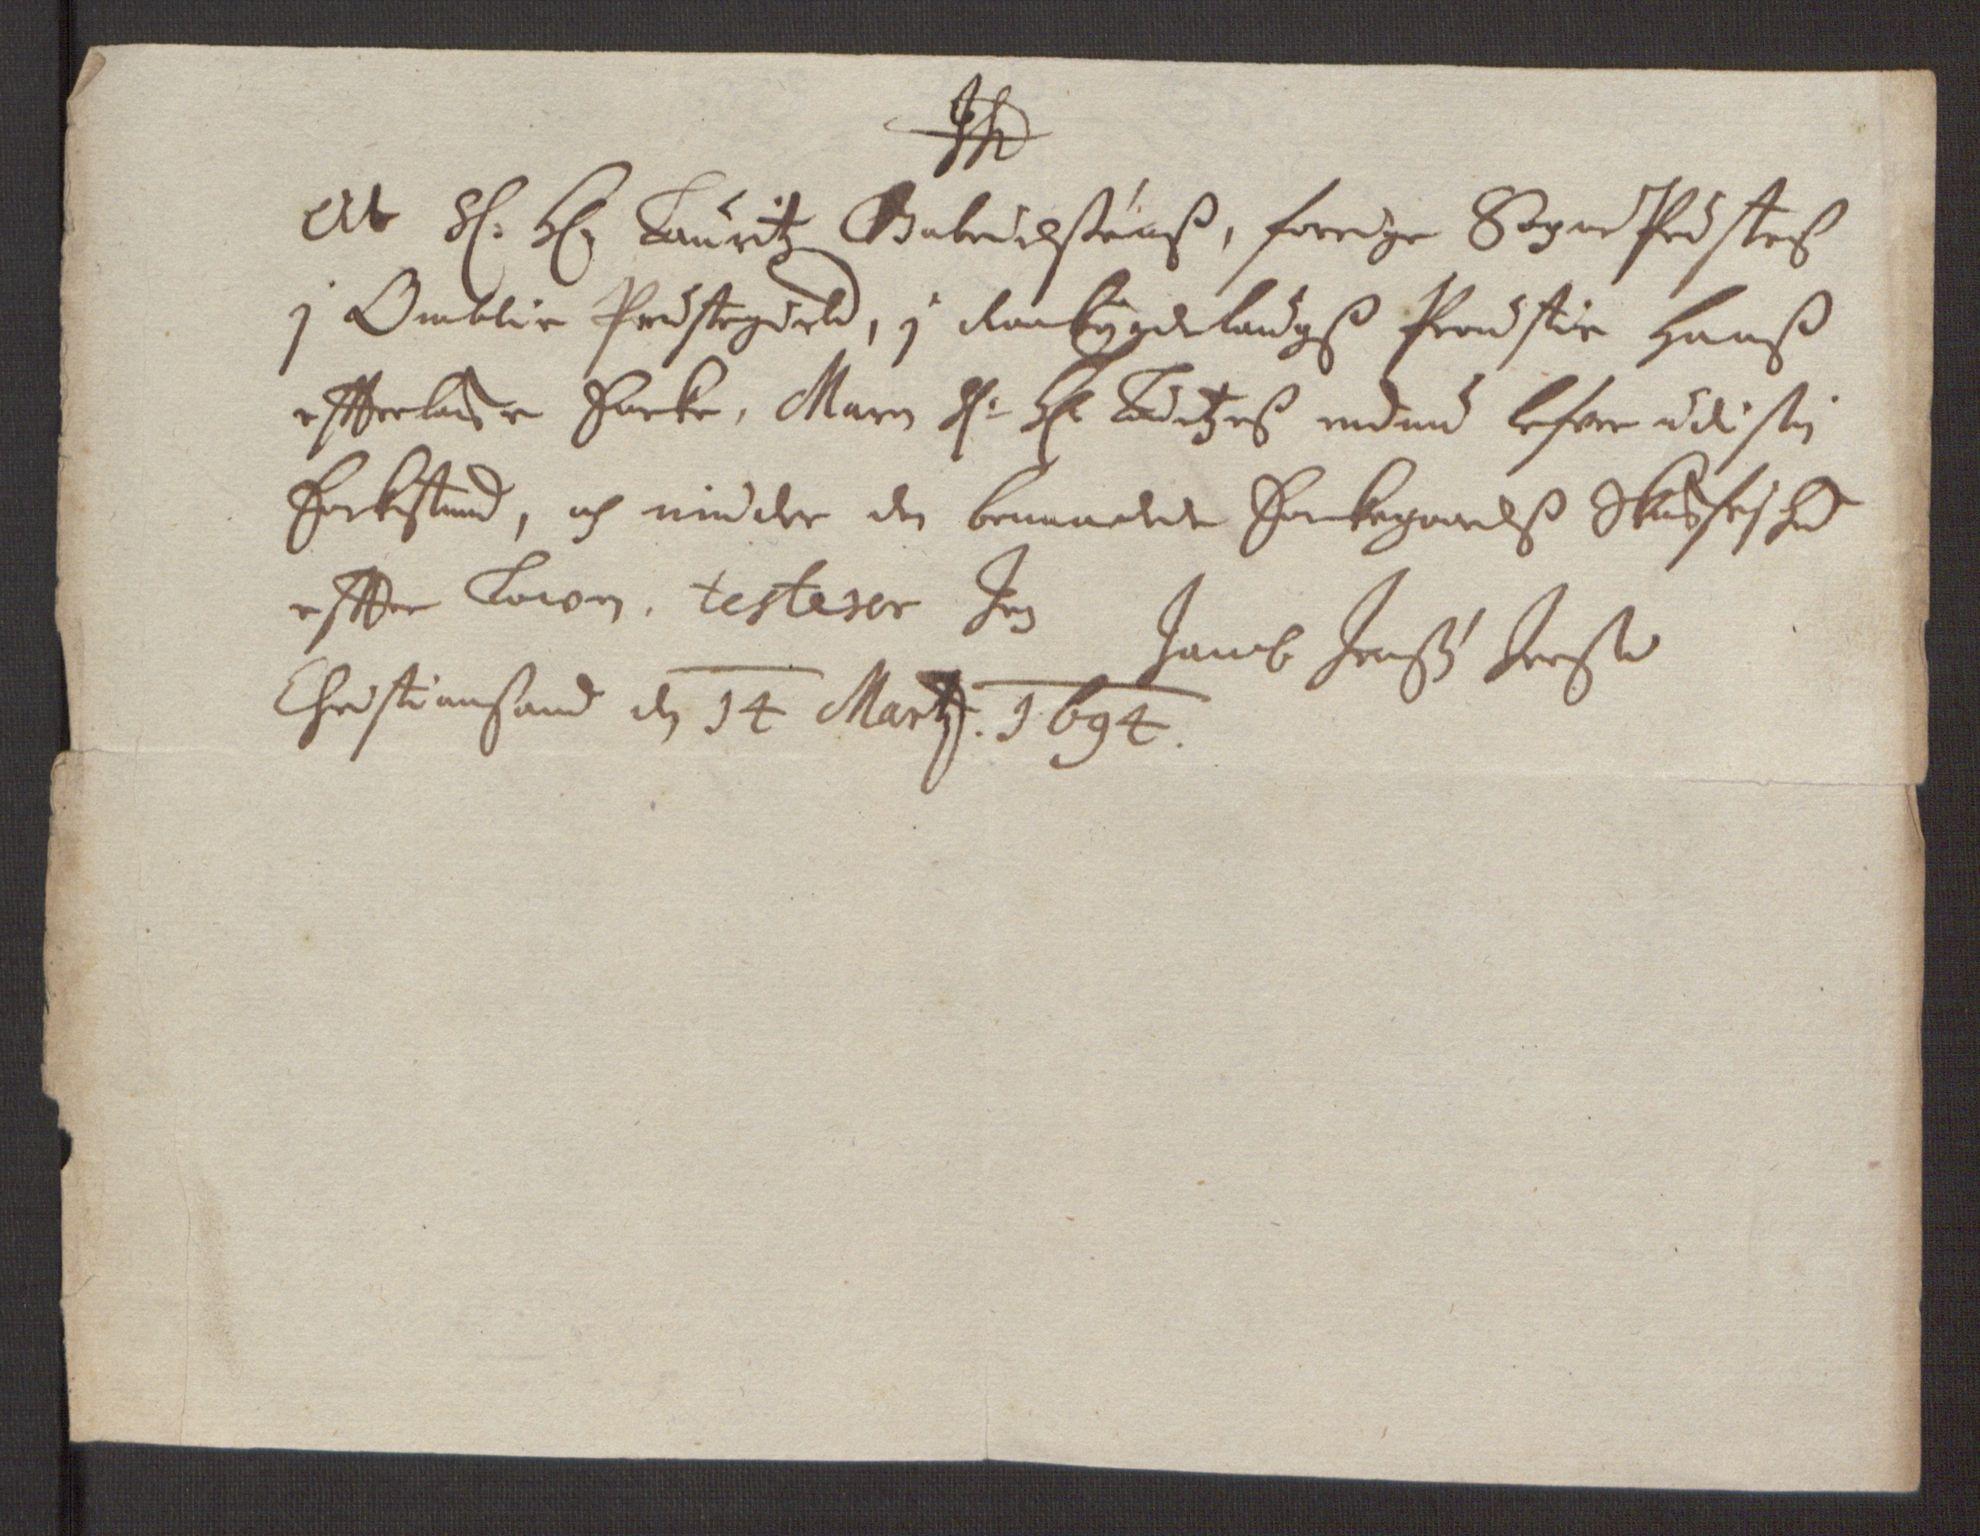 RA, Rentekammeret inntil 1814, Reviderte regnskaper, Fogderegnskap, R40/L2444: Fogderegnskap Råbyggelag, 1693-1696, s. 53